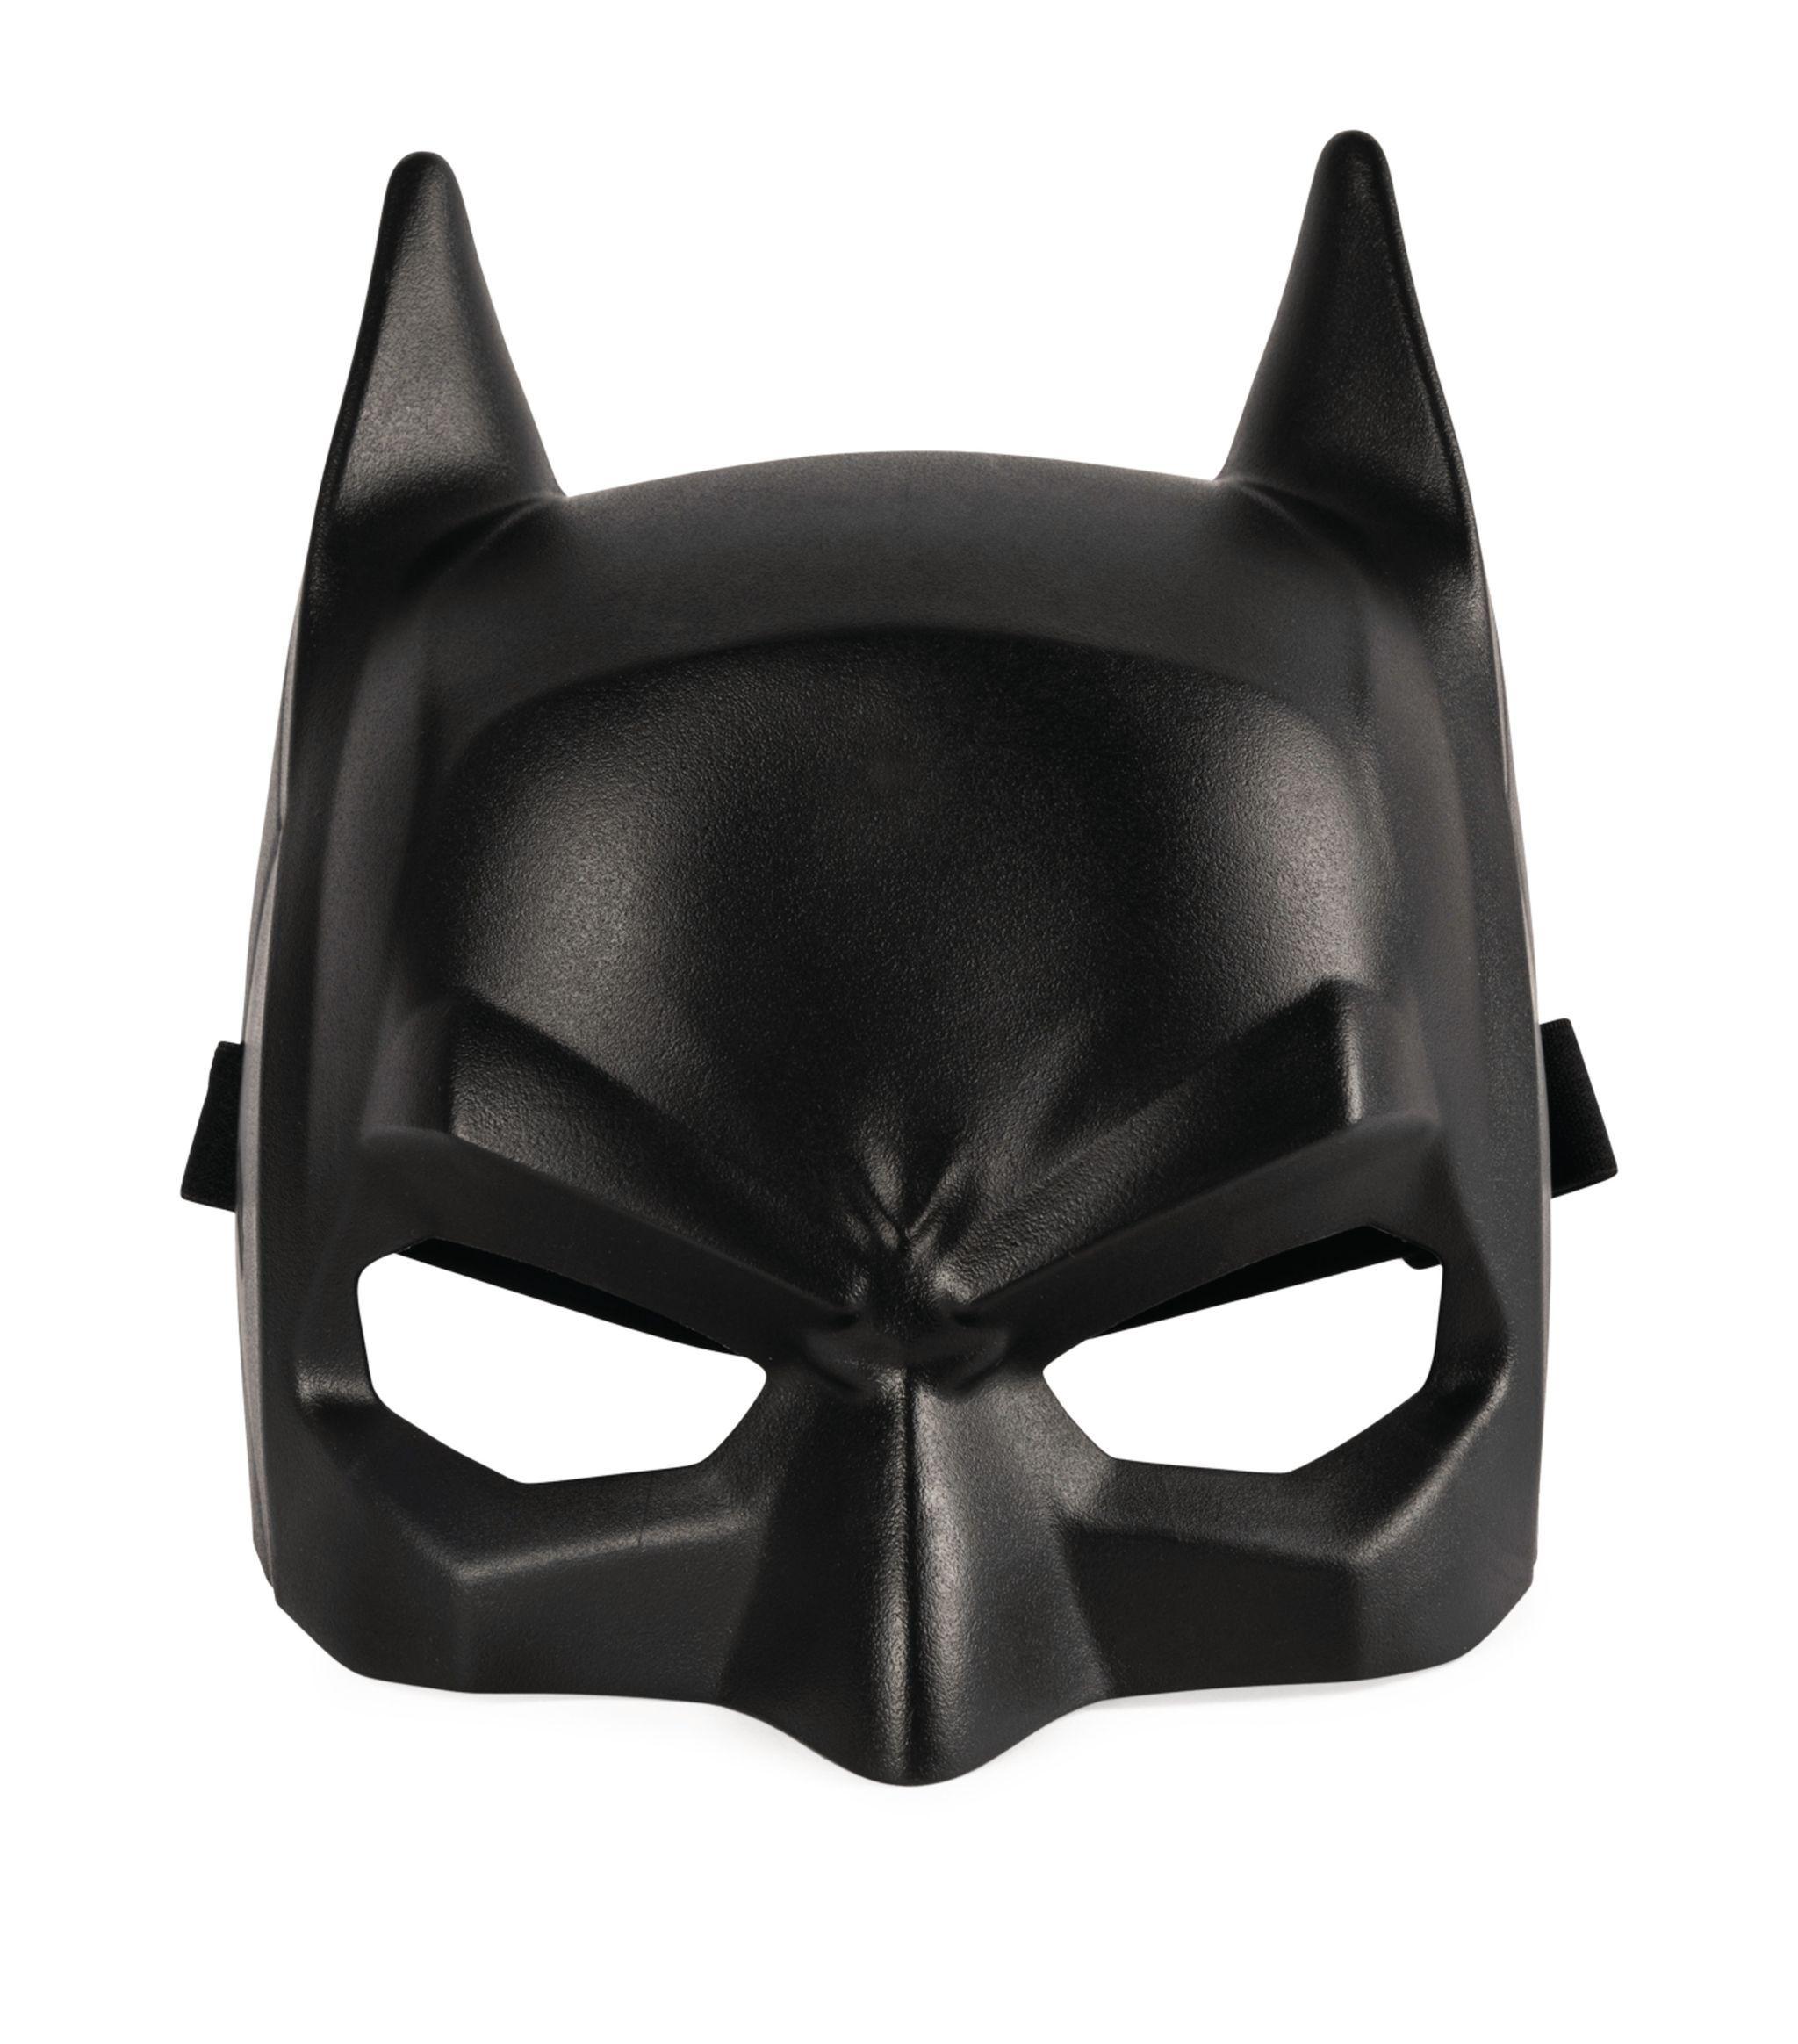 Dc Comics Multi Batman Mask And Cape Set Ad Paid Multi Comics Dc Batman Set Batman Mask Batman Batman Cape